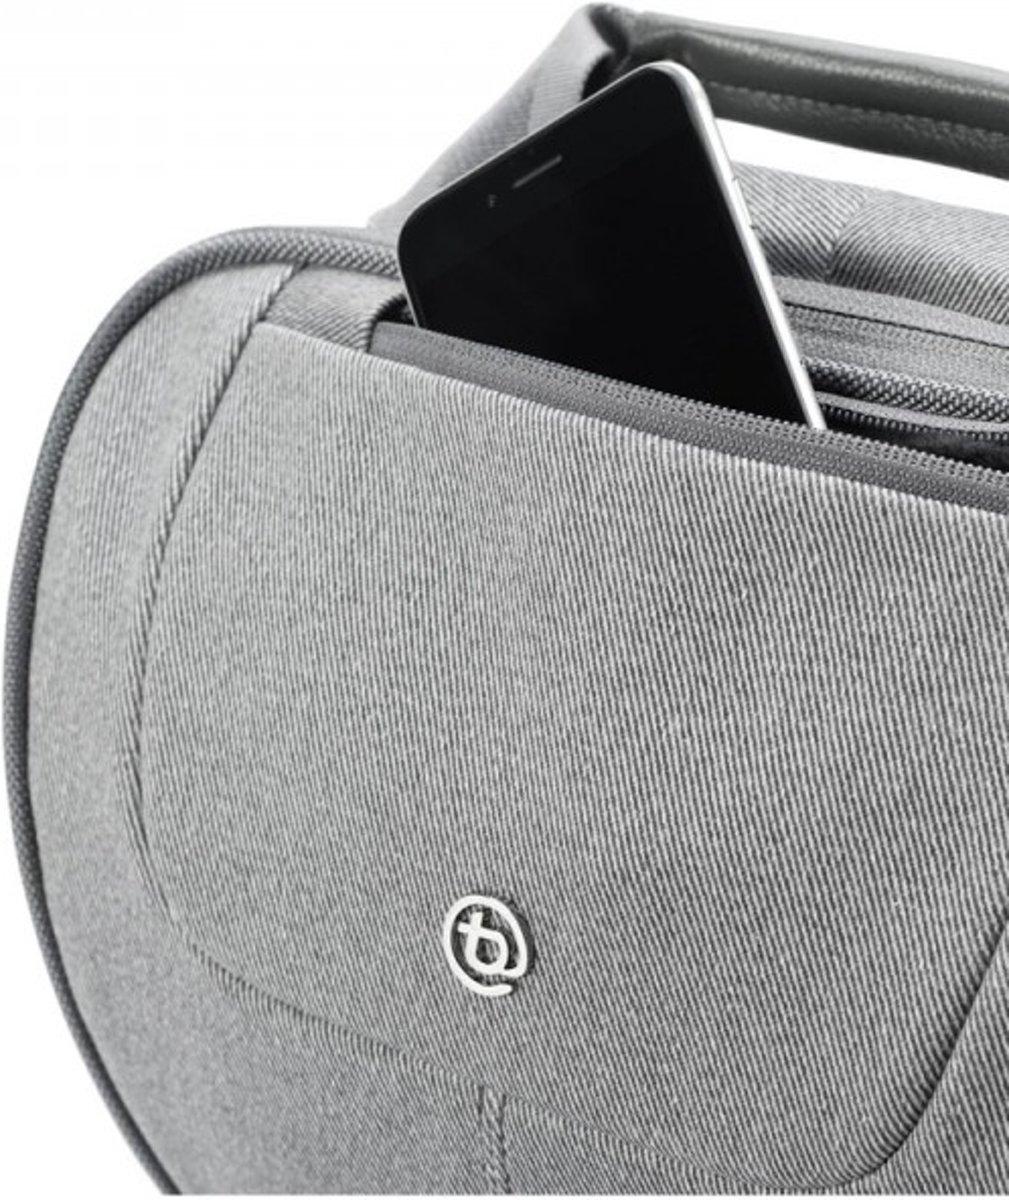 3696dc73dd3 bol.com | Booq - Cobra Squeeze 13-15 inch Rugzak grey